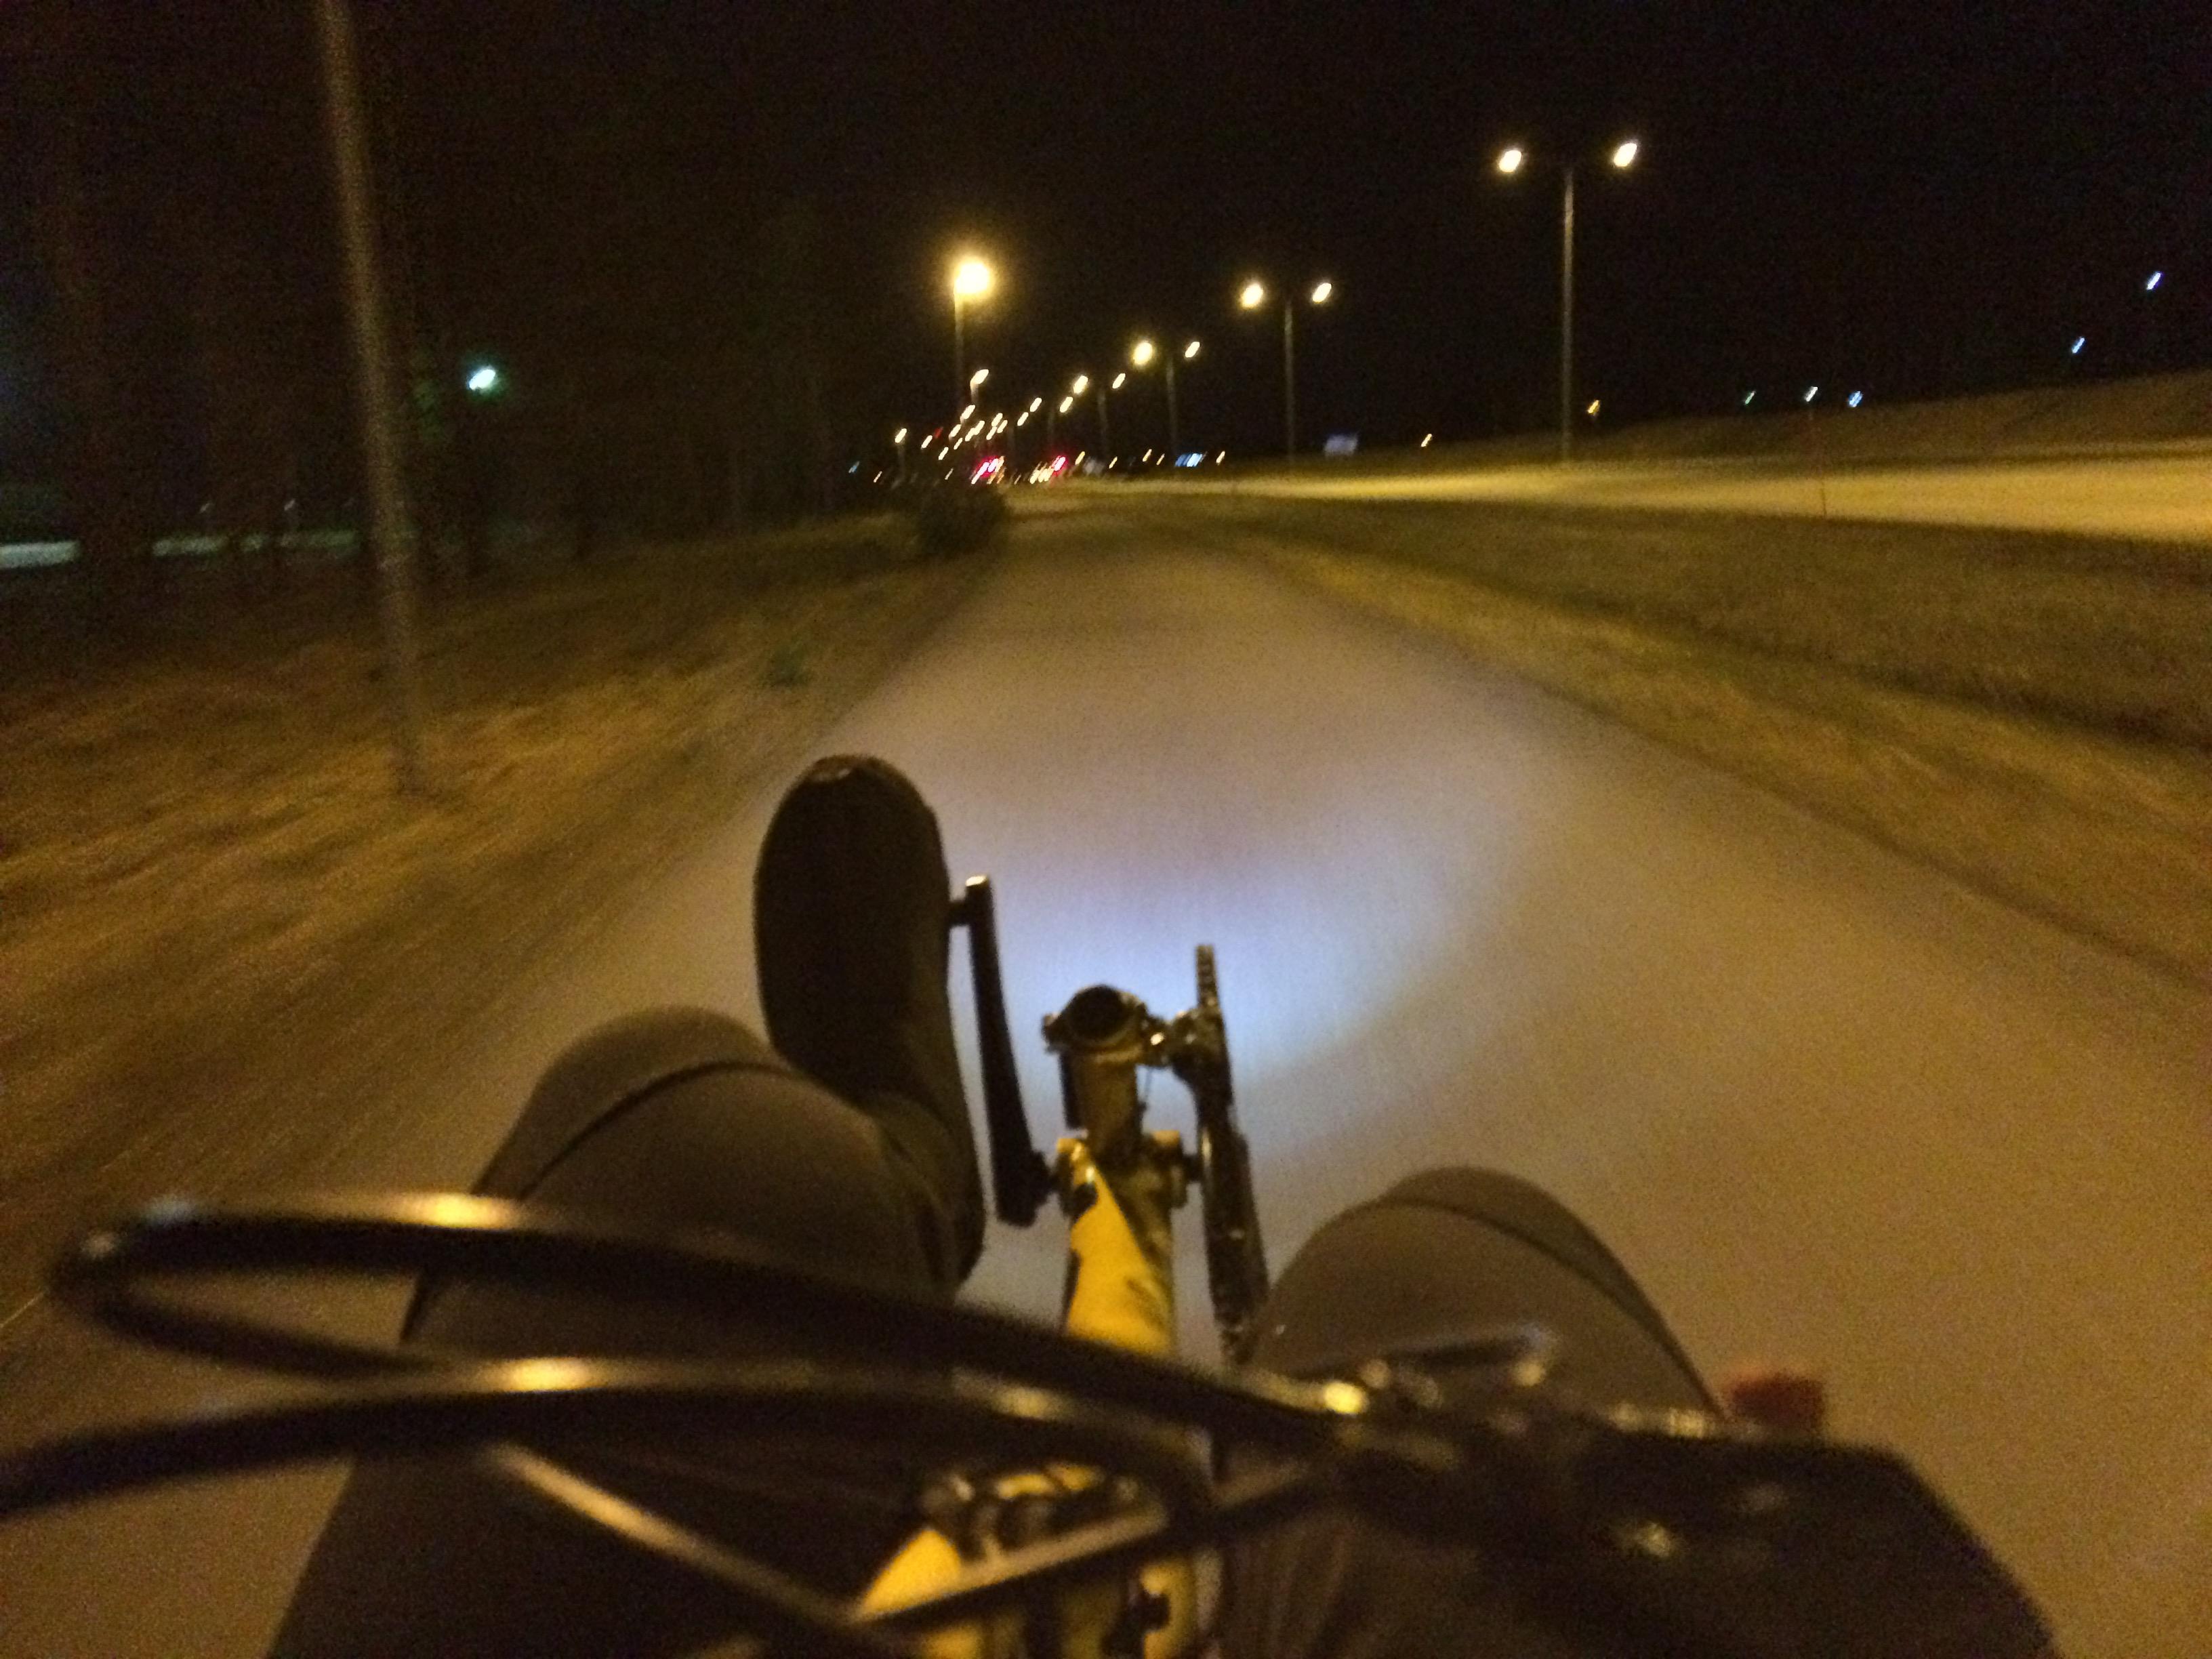 Työmatkapyöräilyä yöllä